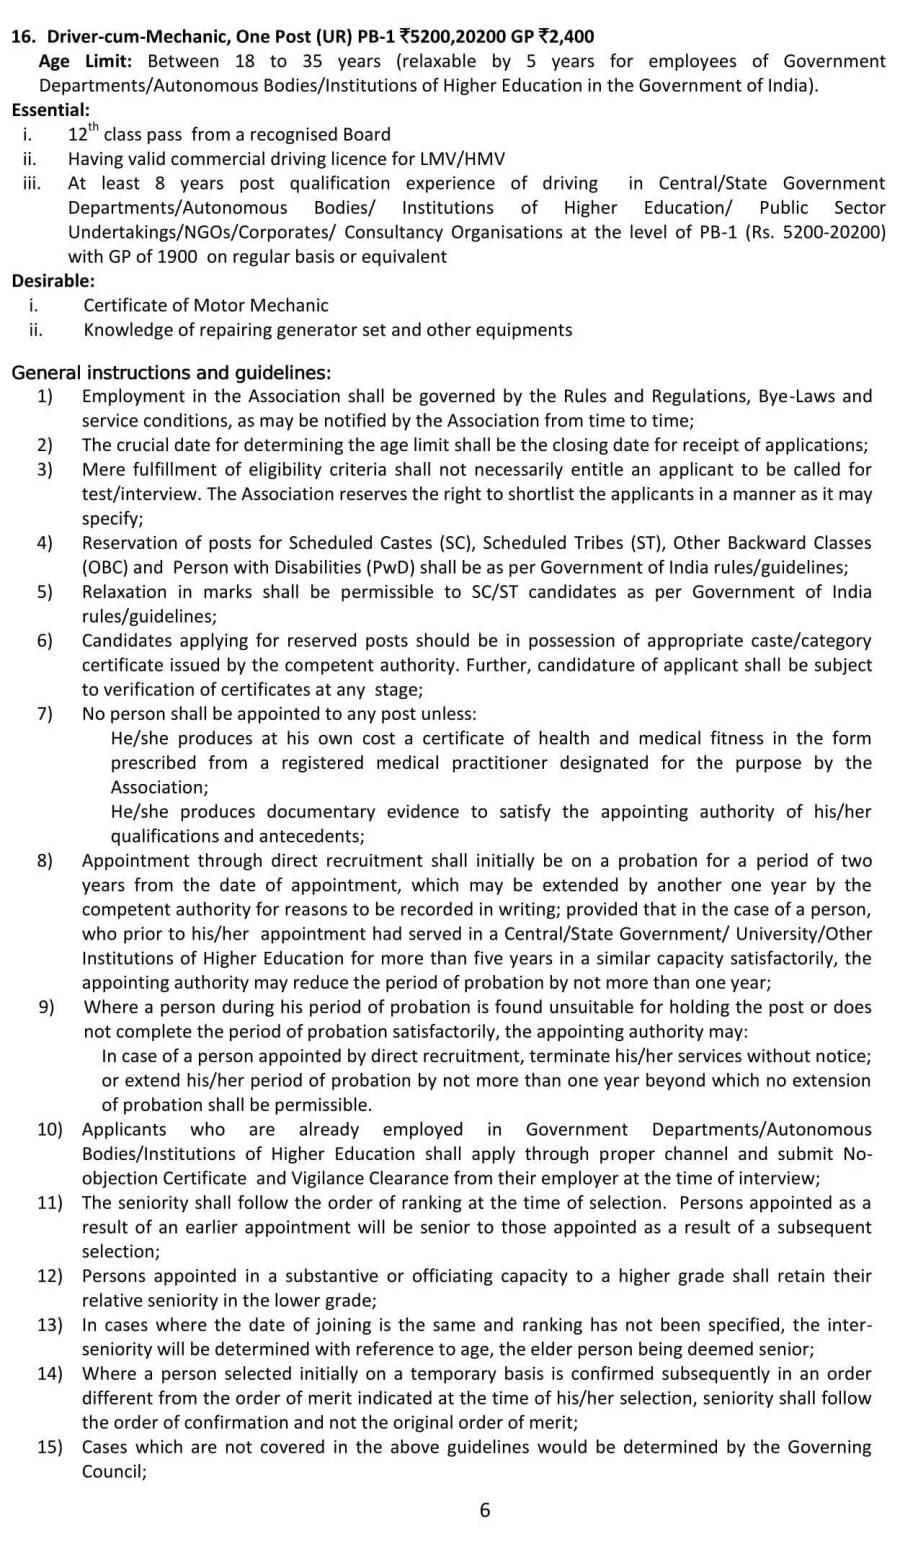 Advt details-6.jpg